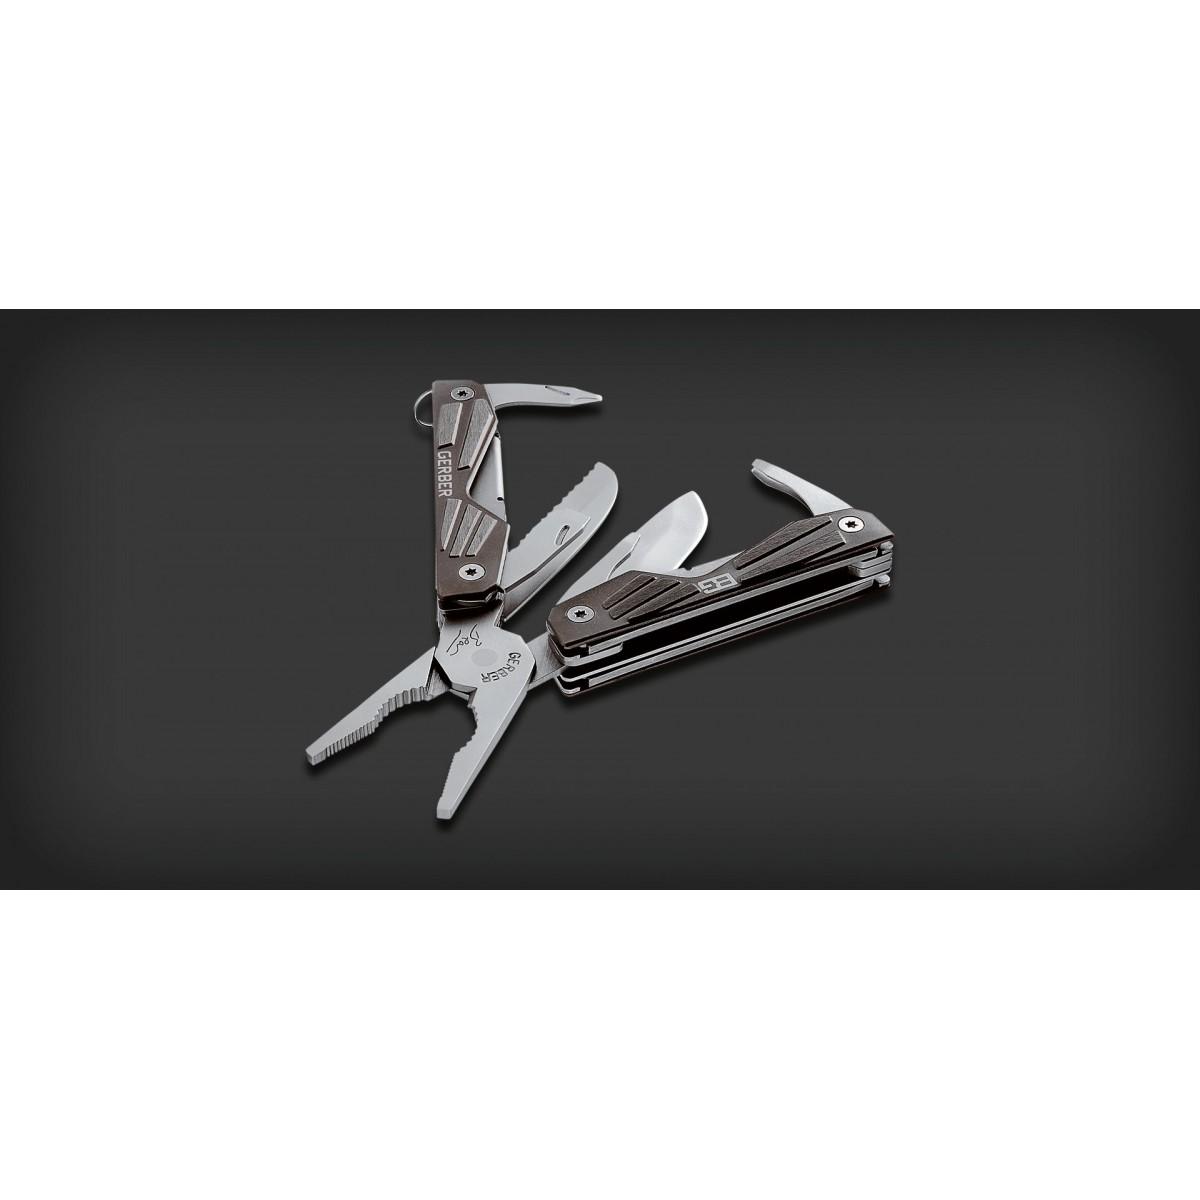 คีม มัลติทูลส์ Gerber Bear Grylls Compact Multi-Tool 10-in-1 (31-000750)